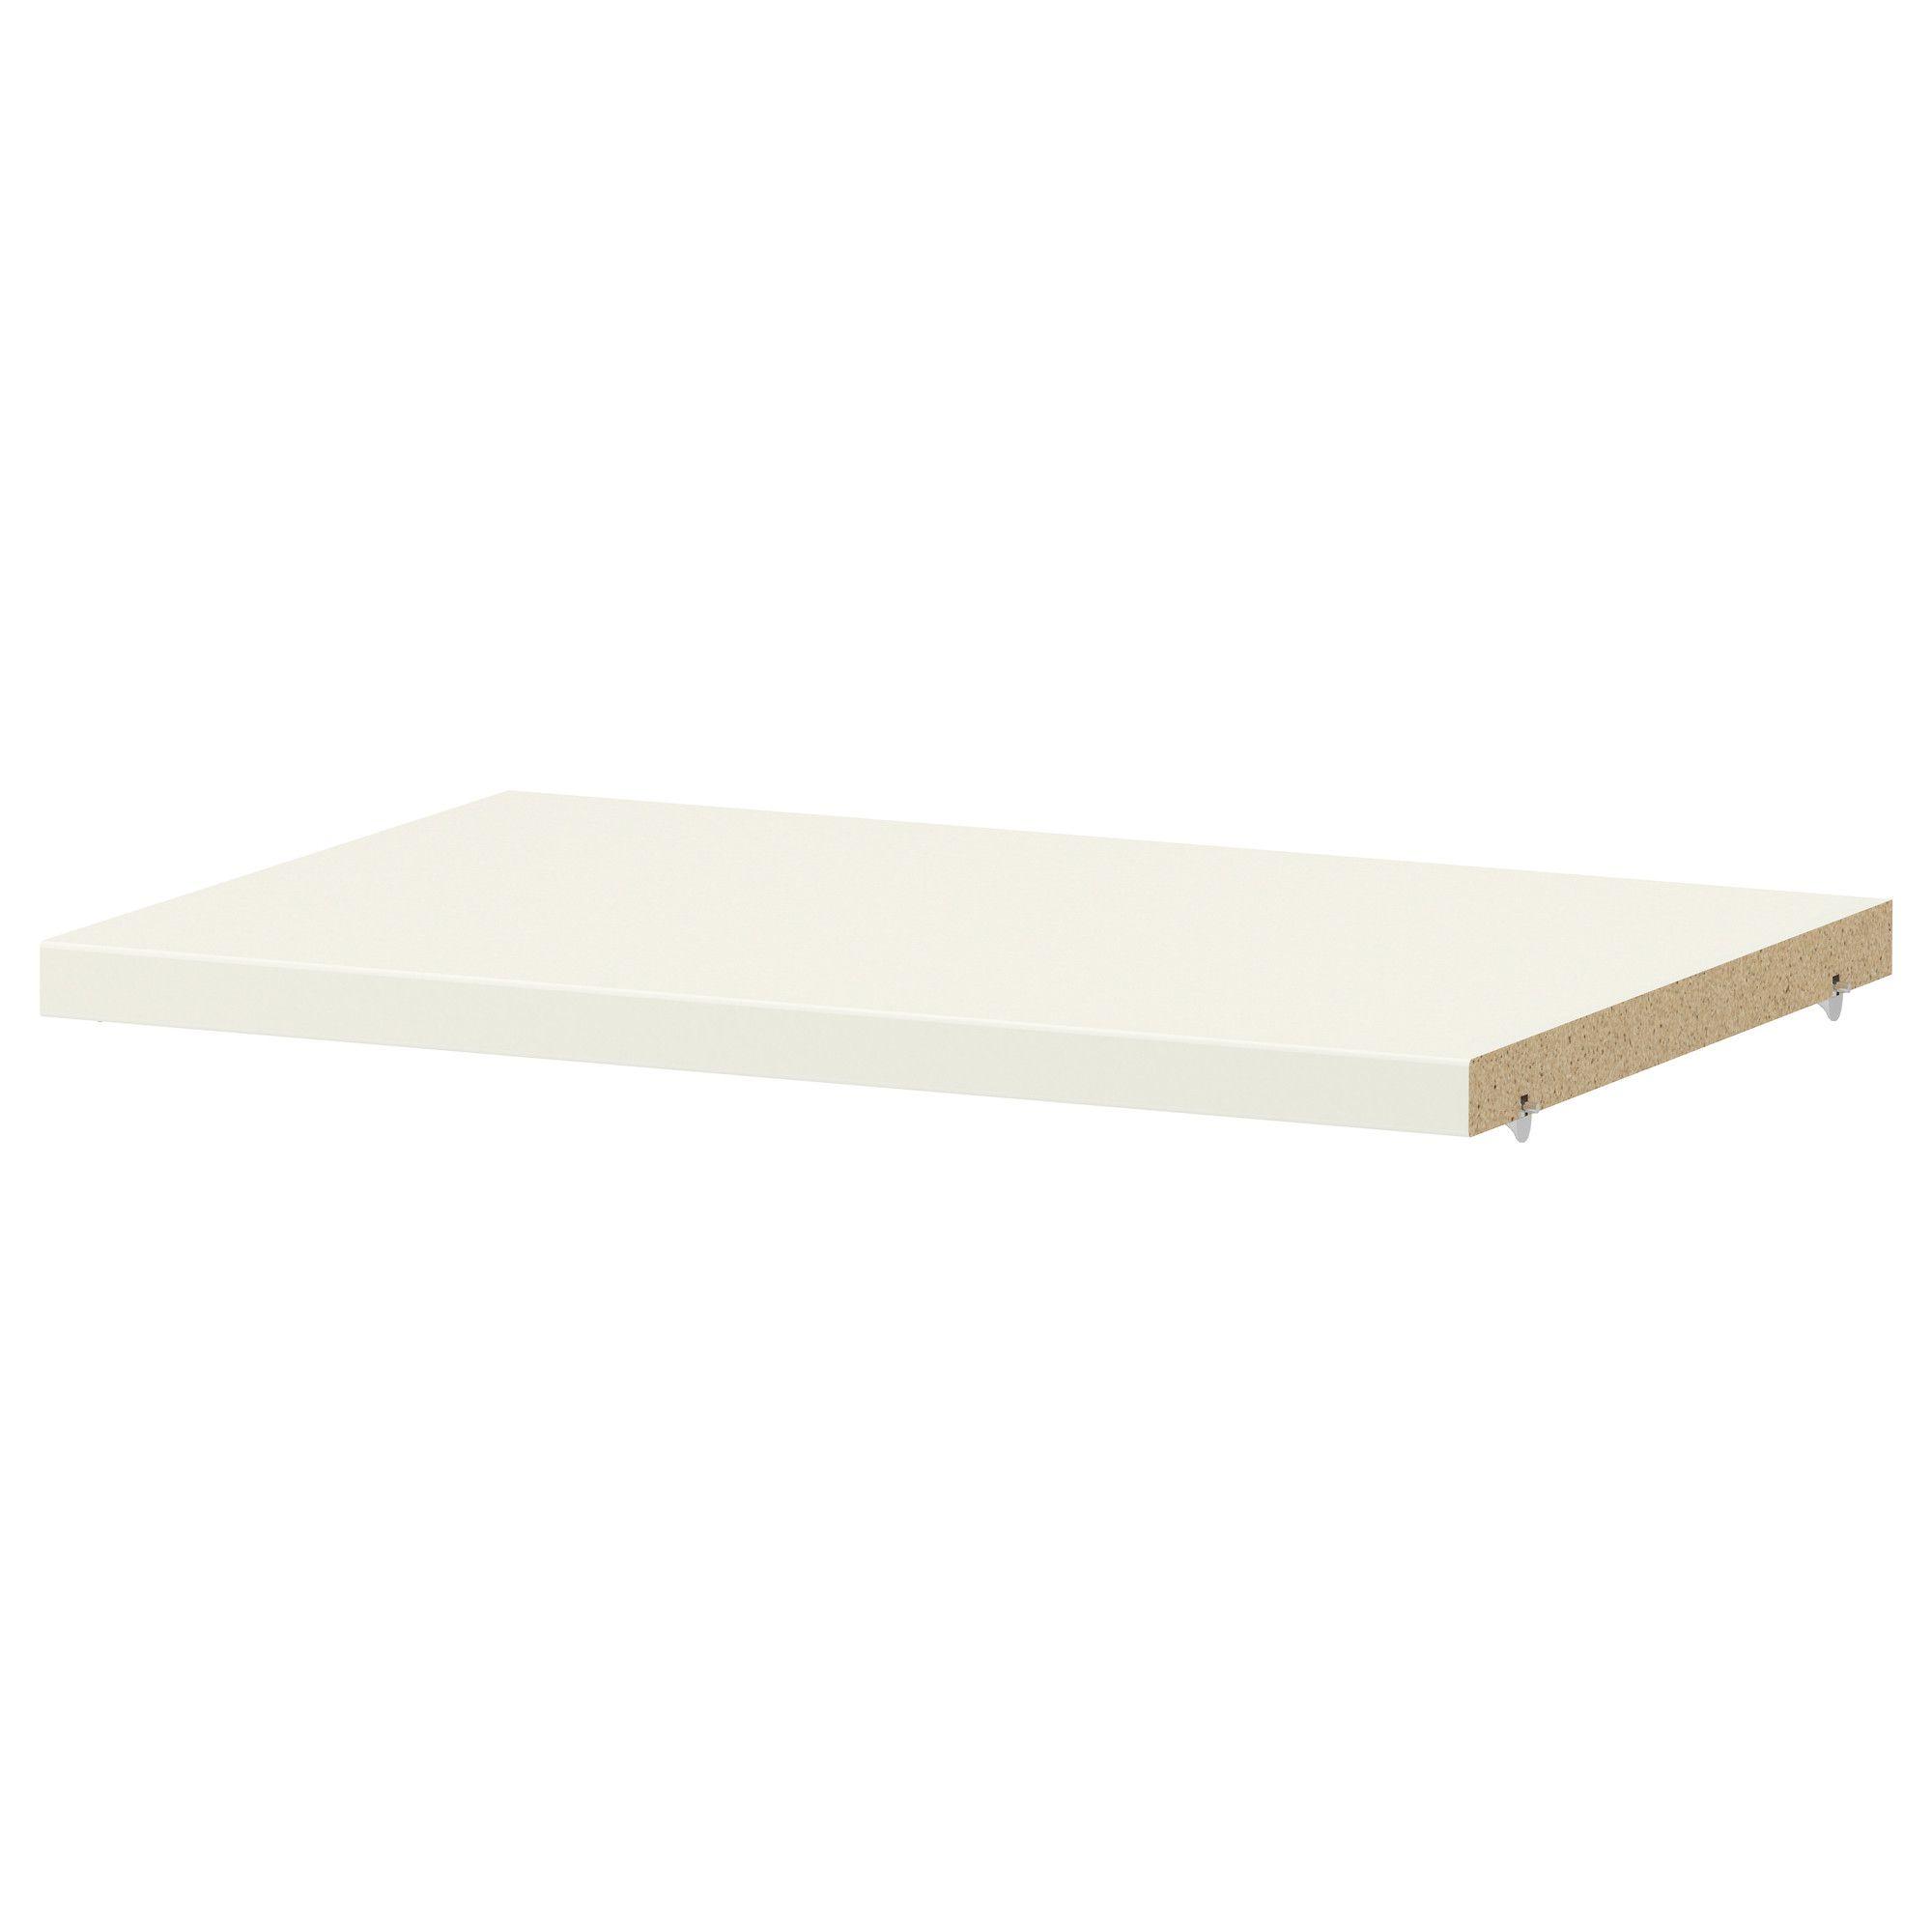 Billy Extra Shelf White 14x10 Ikea Extra Shelf Shelves Ikea [ 2000 x 2000 Pixel ]